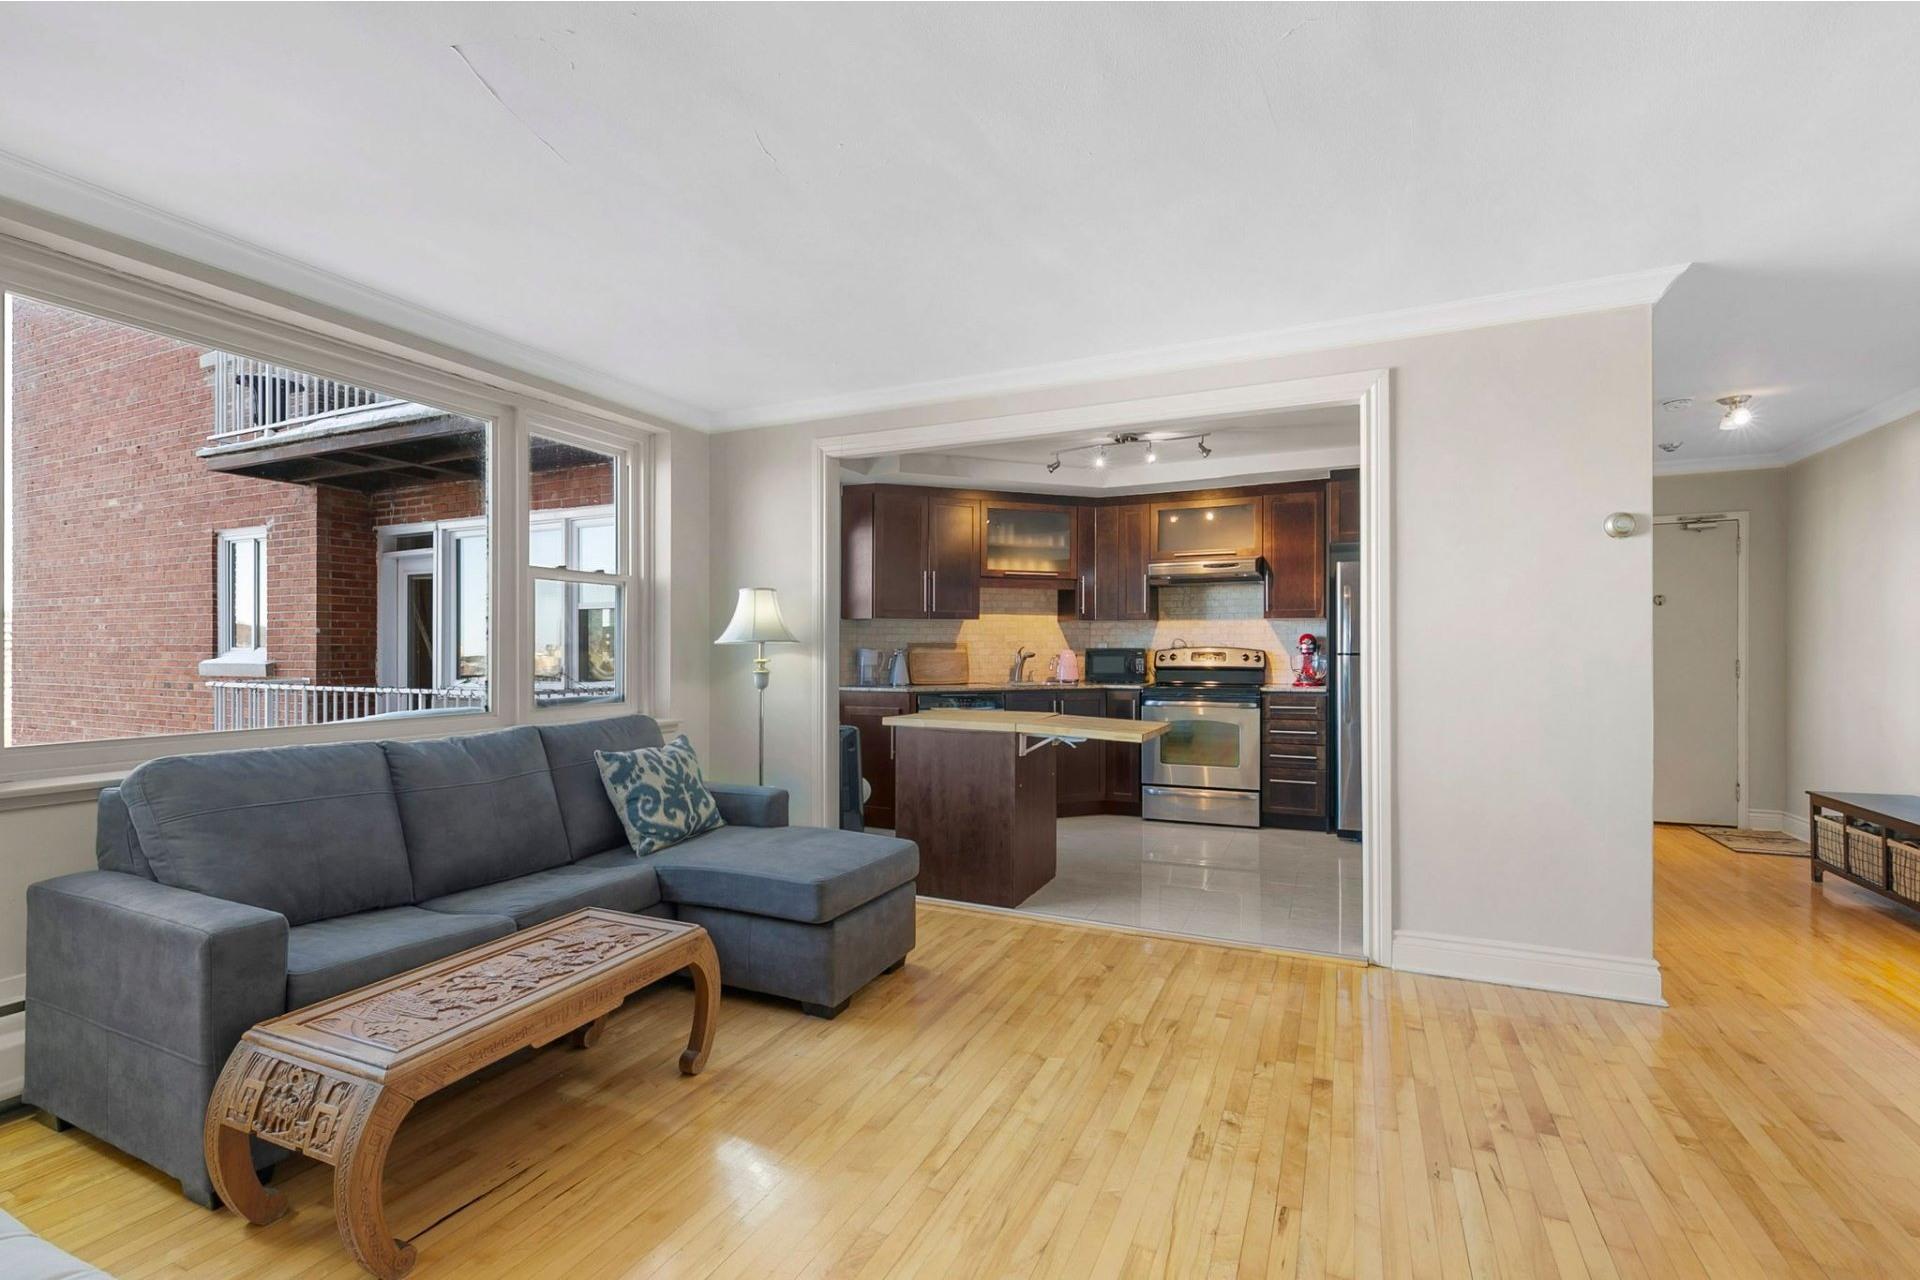 image 5 - Appartement À vendre Côte-des-Neiges/Notre-Dame-de-Grâce Montréal  - 4 pièces